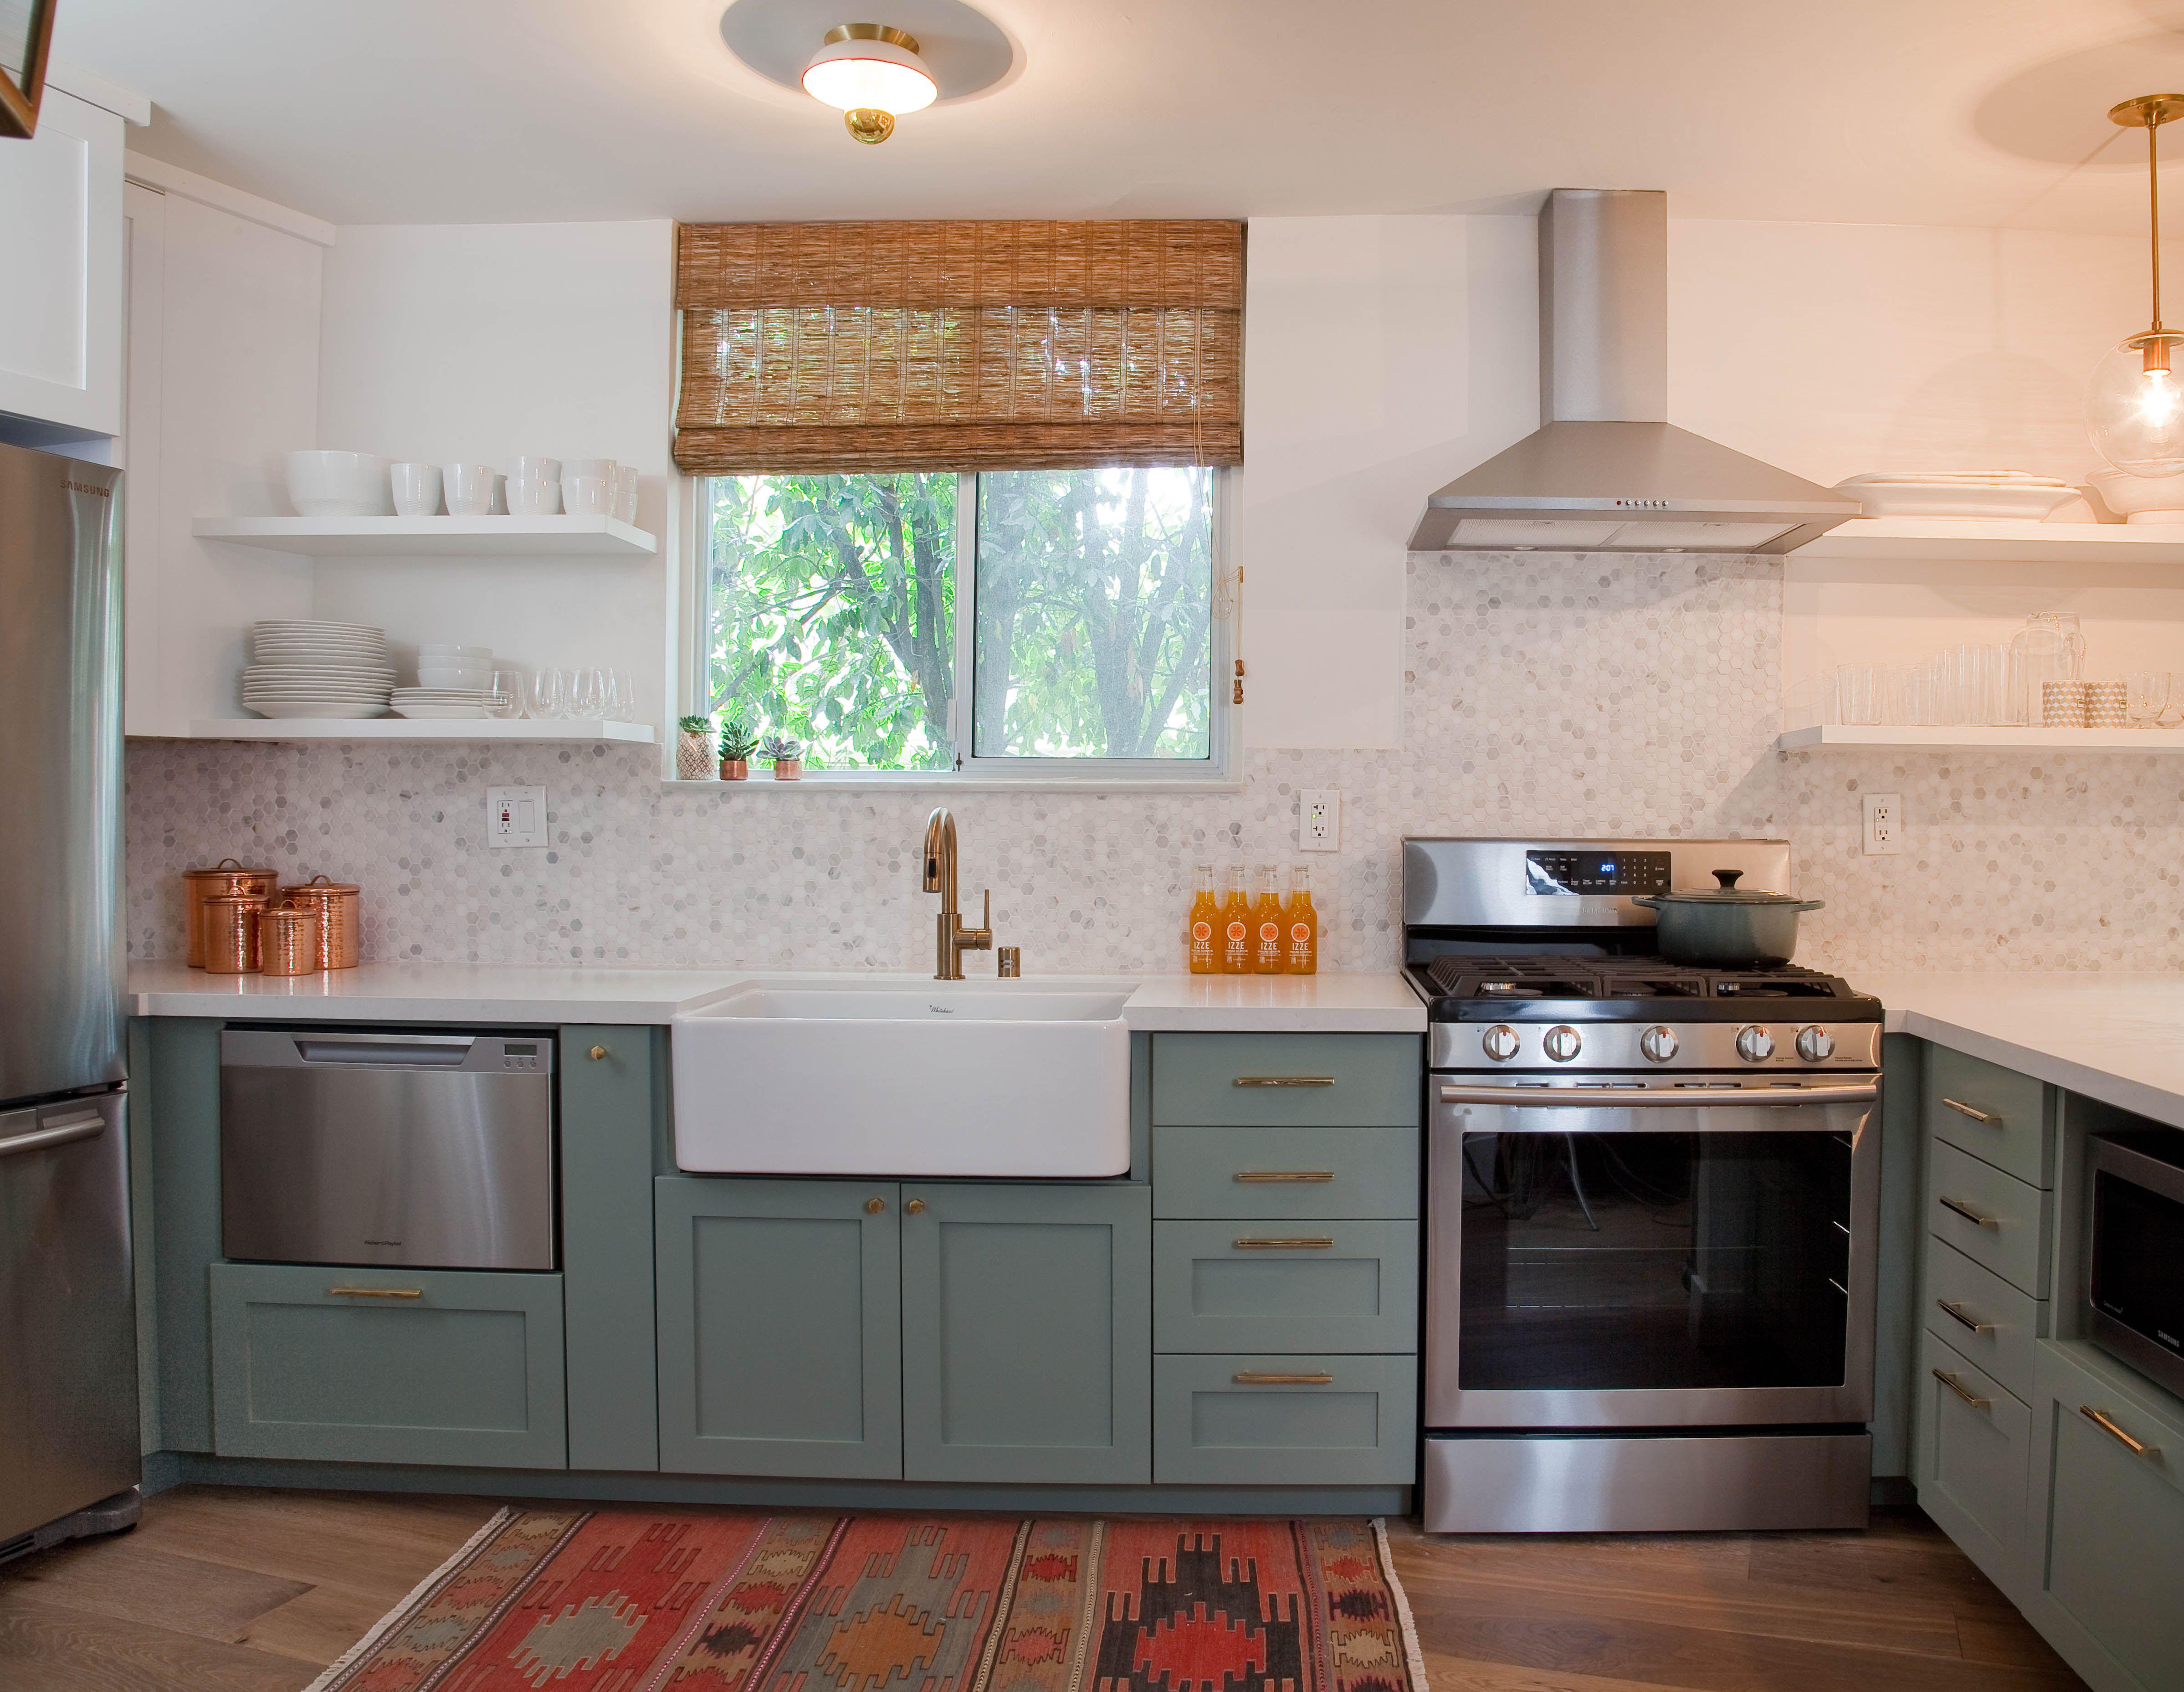 Kitchen Cabinet Alternatives 11 Clever Alternatives to Kitchen